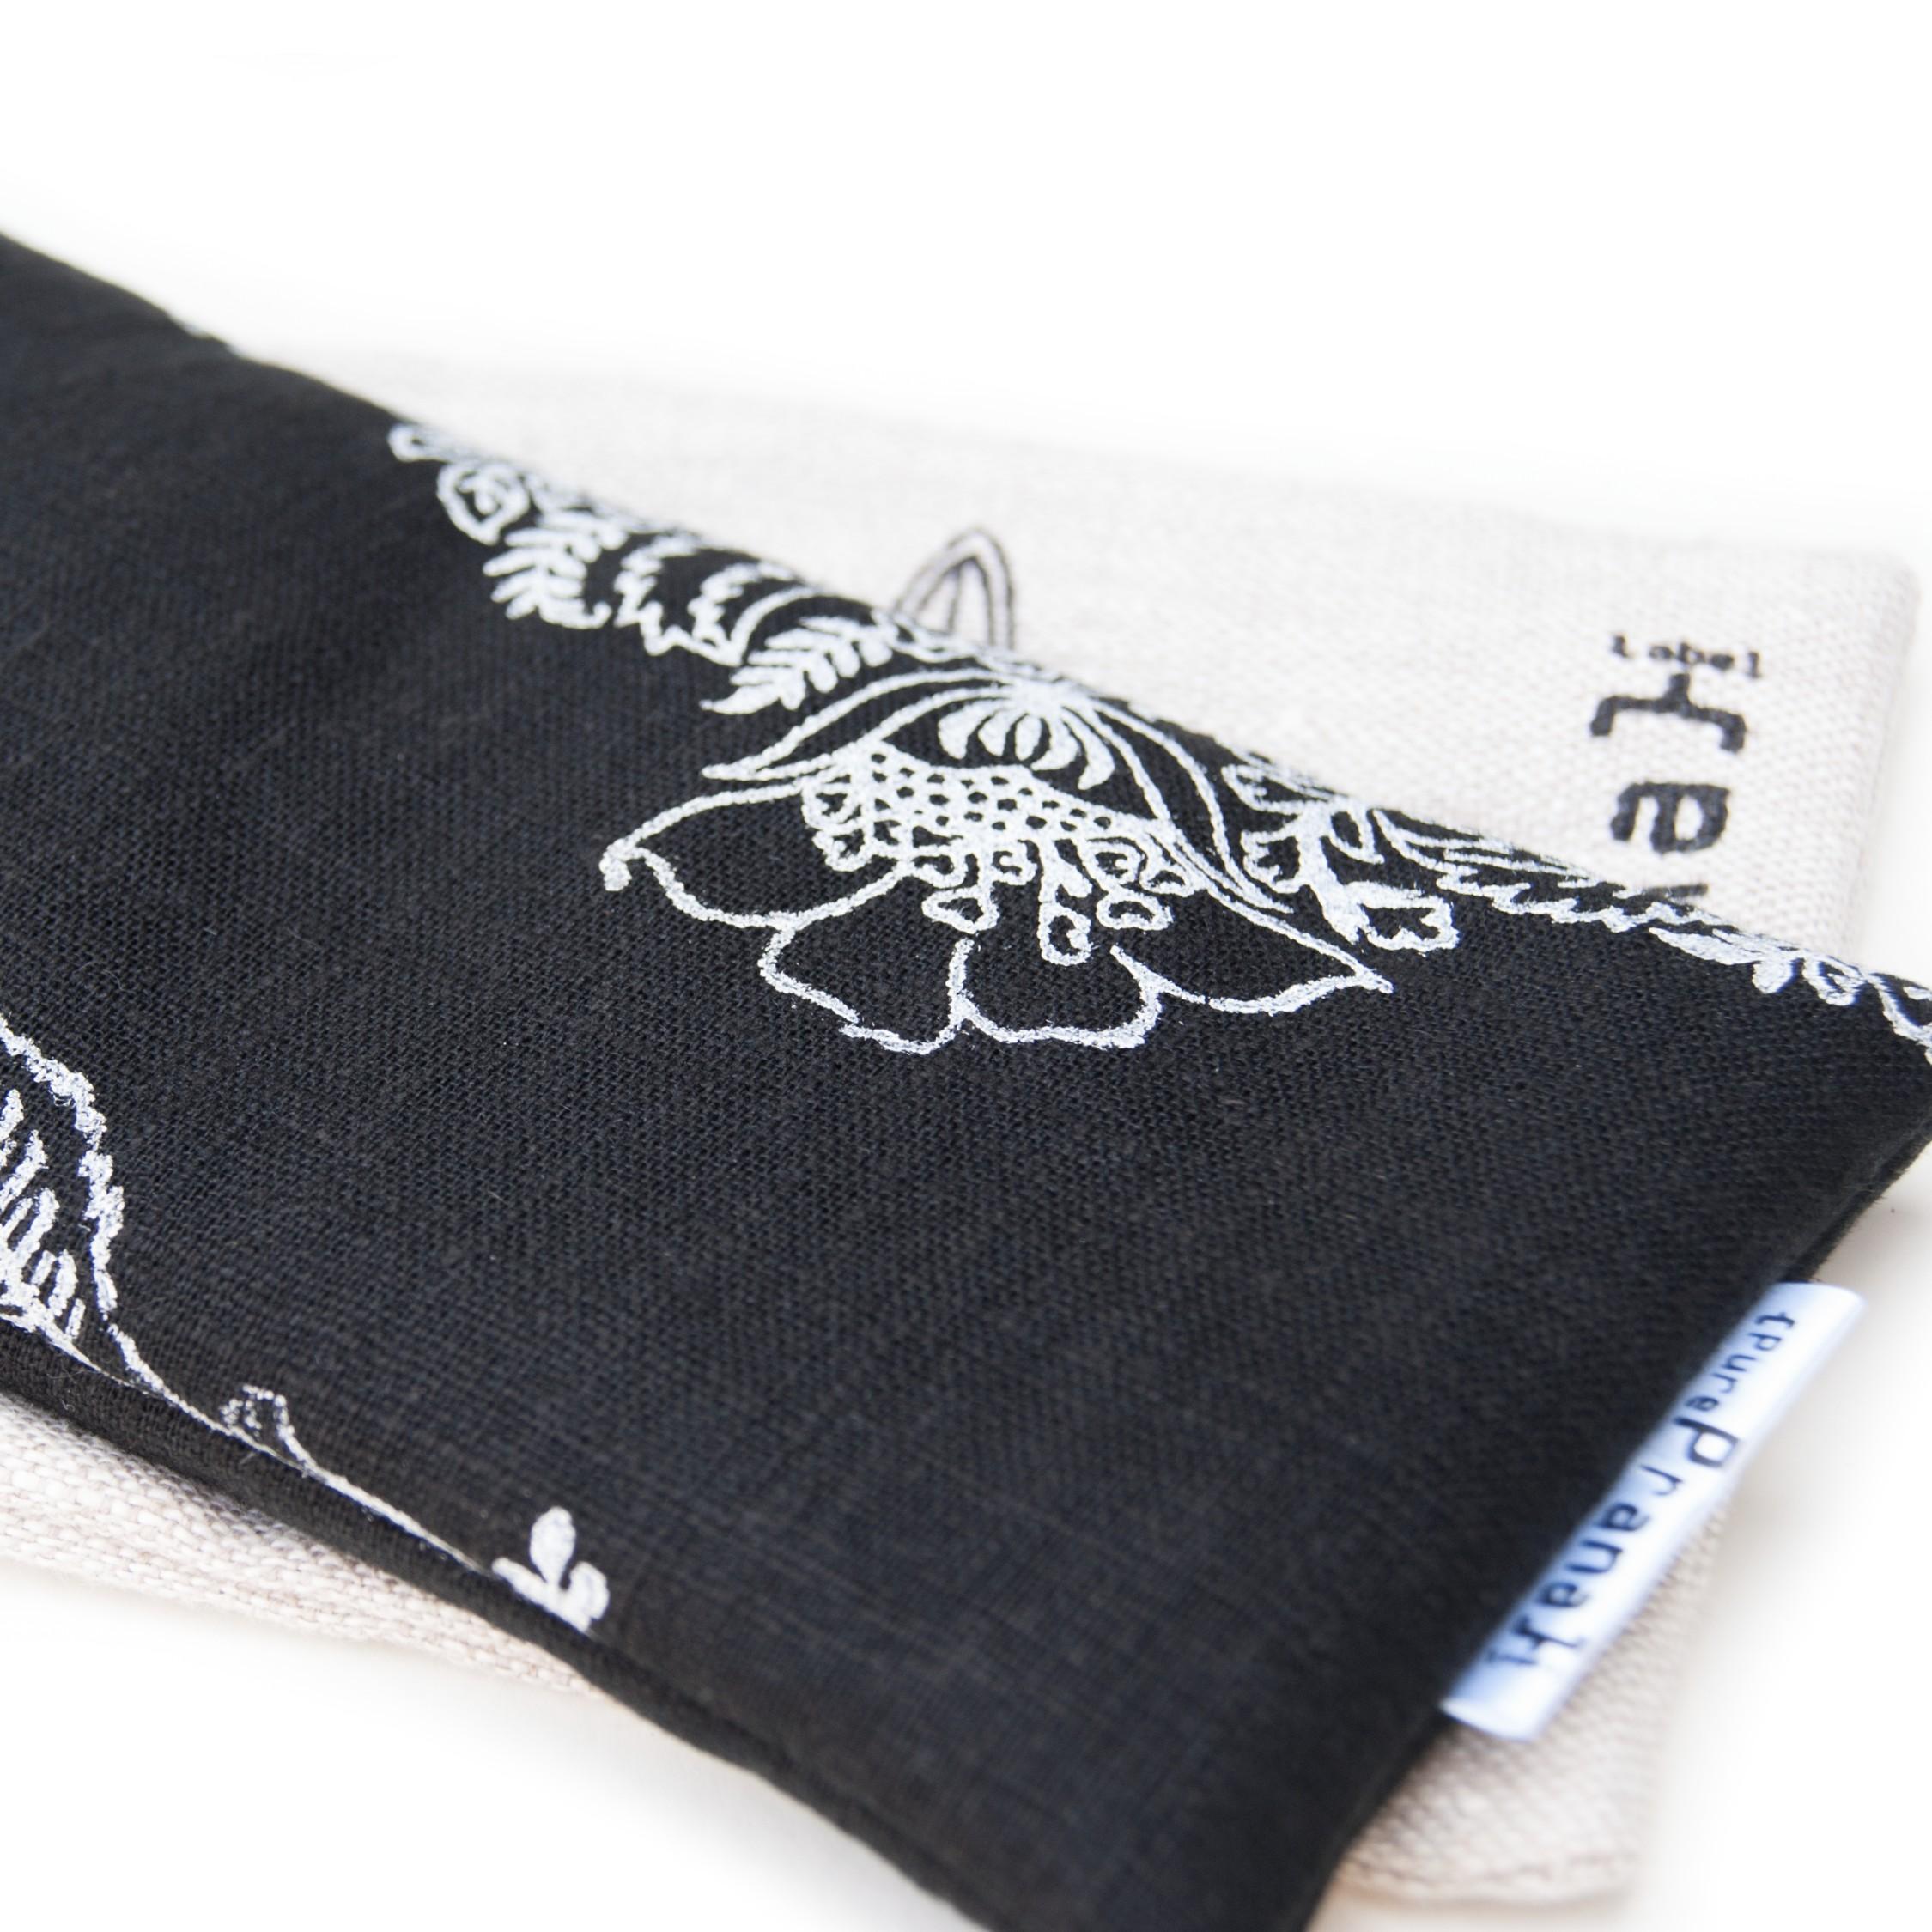 Eye pillow for meditation in black